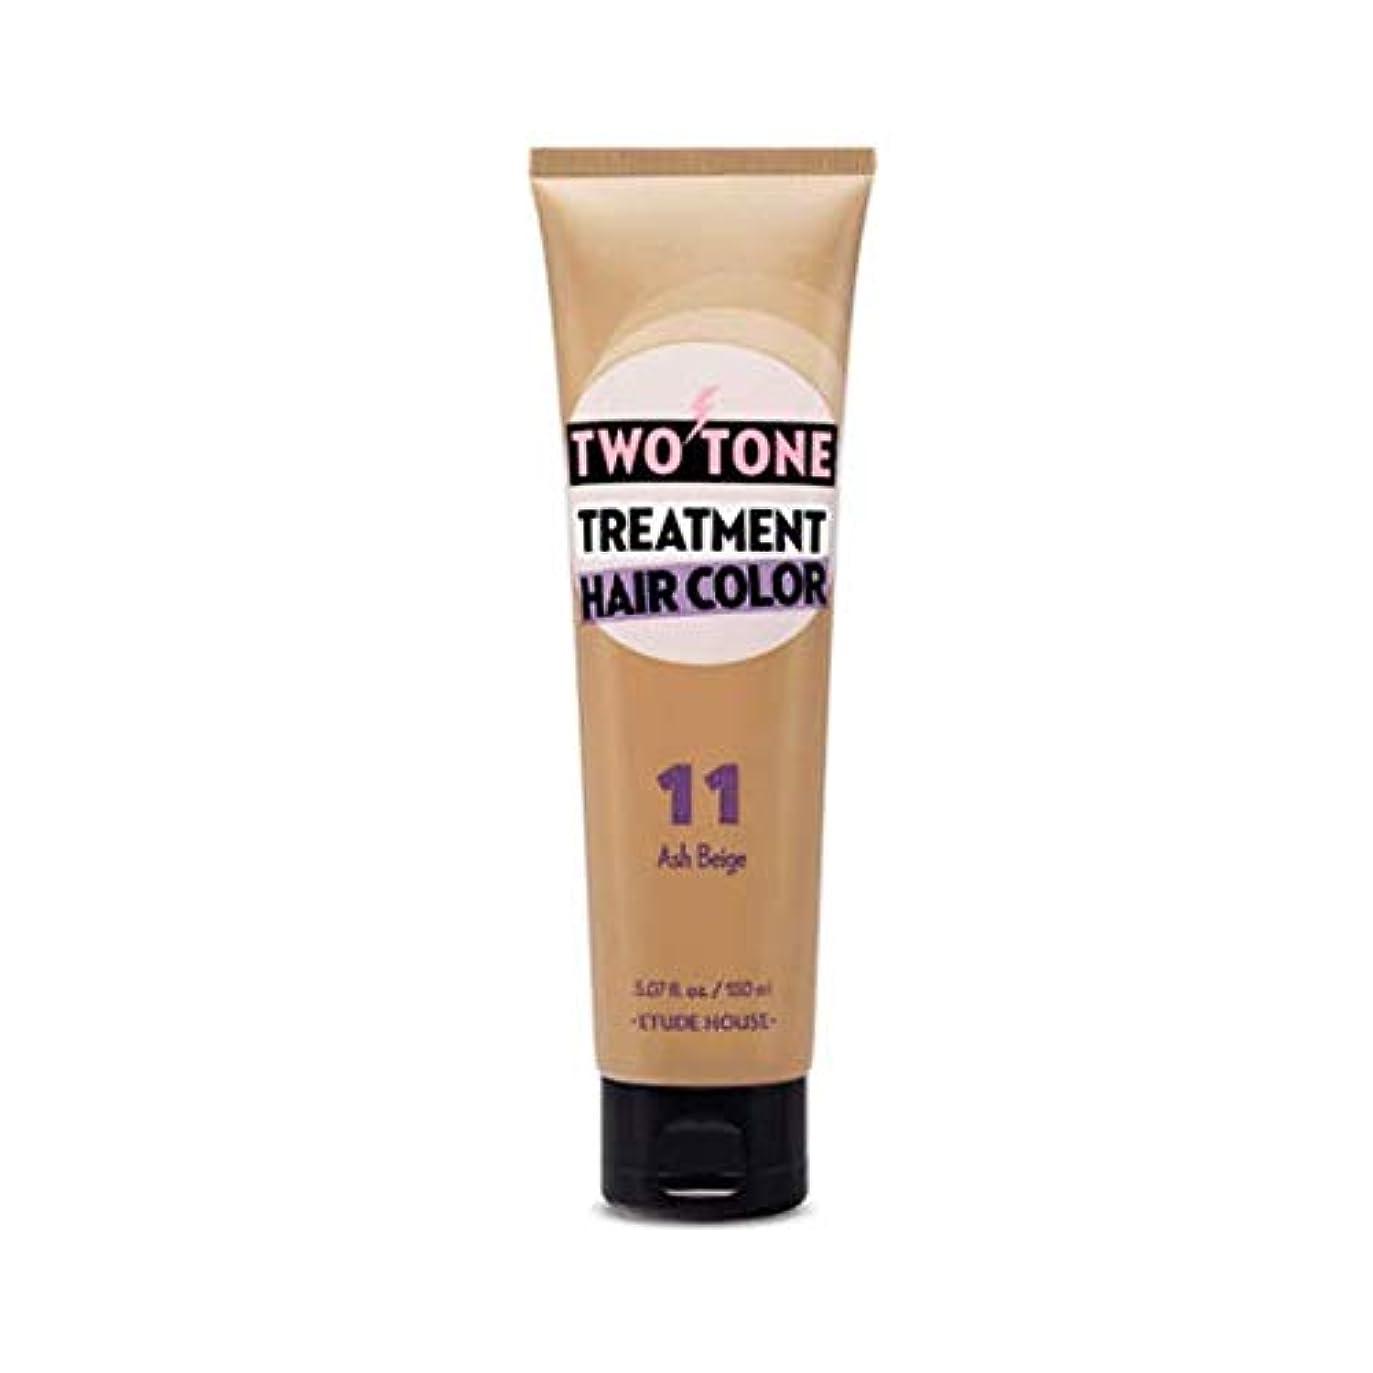 エッセンス棚ワイプETUDE HOUSE Two Tone Treatment Hair Color *11 Ash Beige/エチュードハウス ツートントリートメントヘアカラー150ml [並行輸入品]